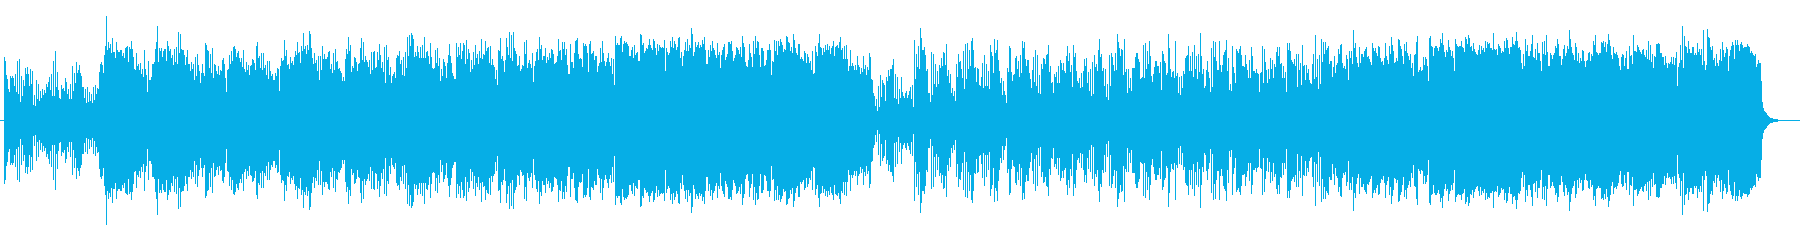 ゆったりアコースティックポップスの再生済みの波形